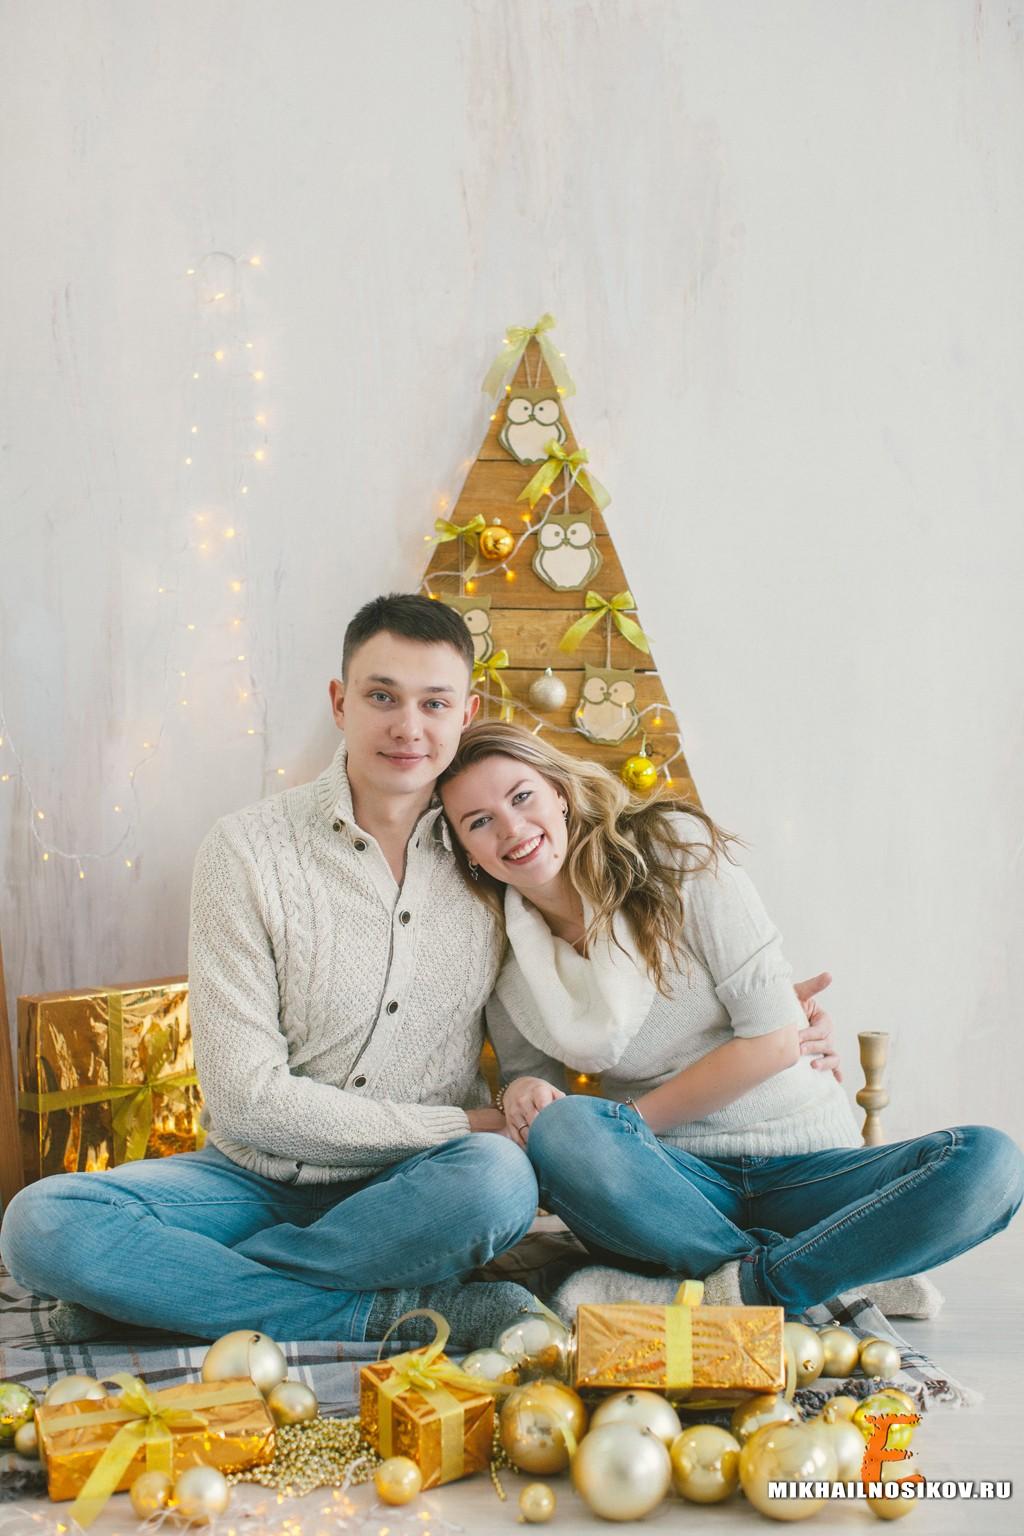 Фотосессия семейной пары в подарок